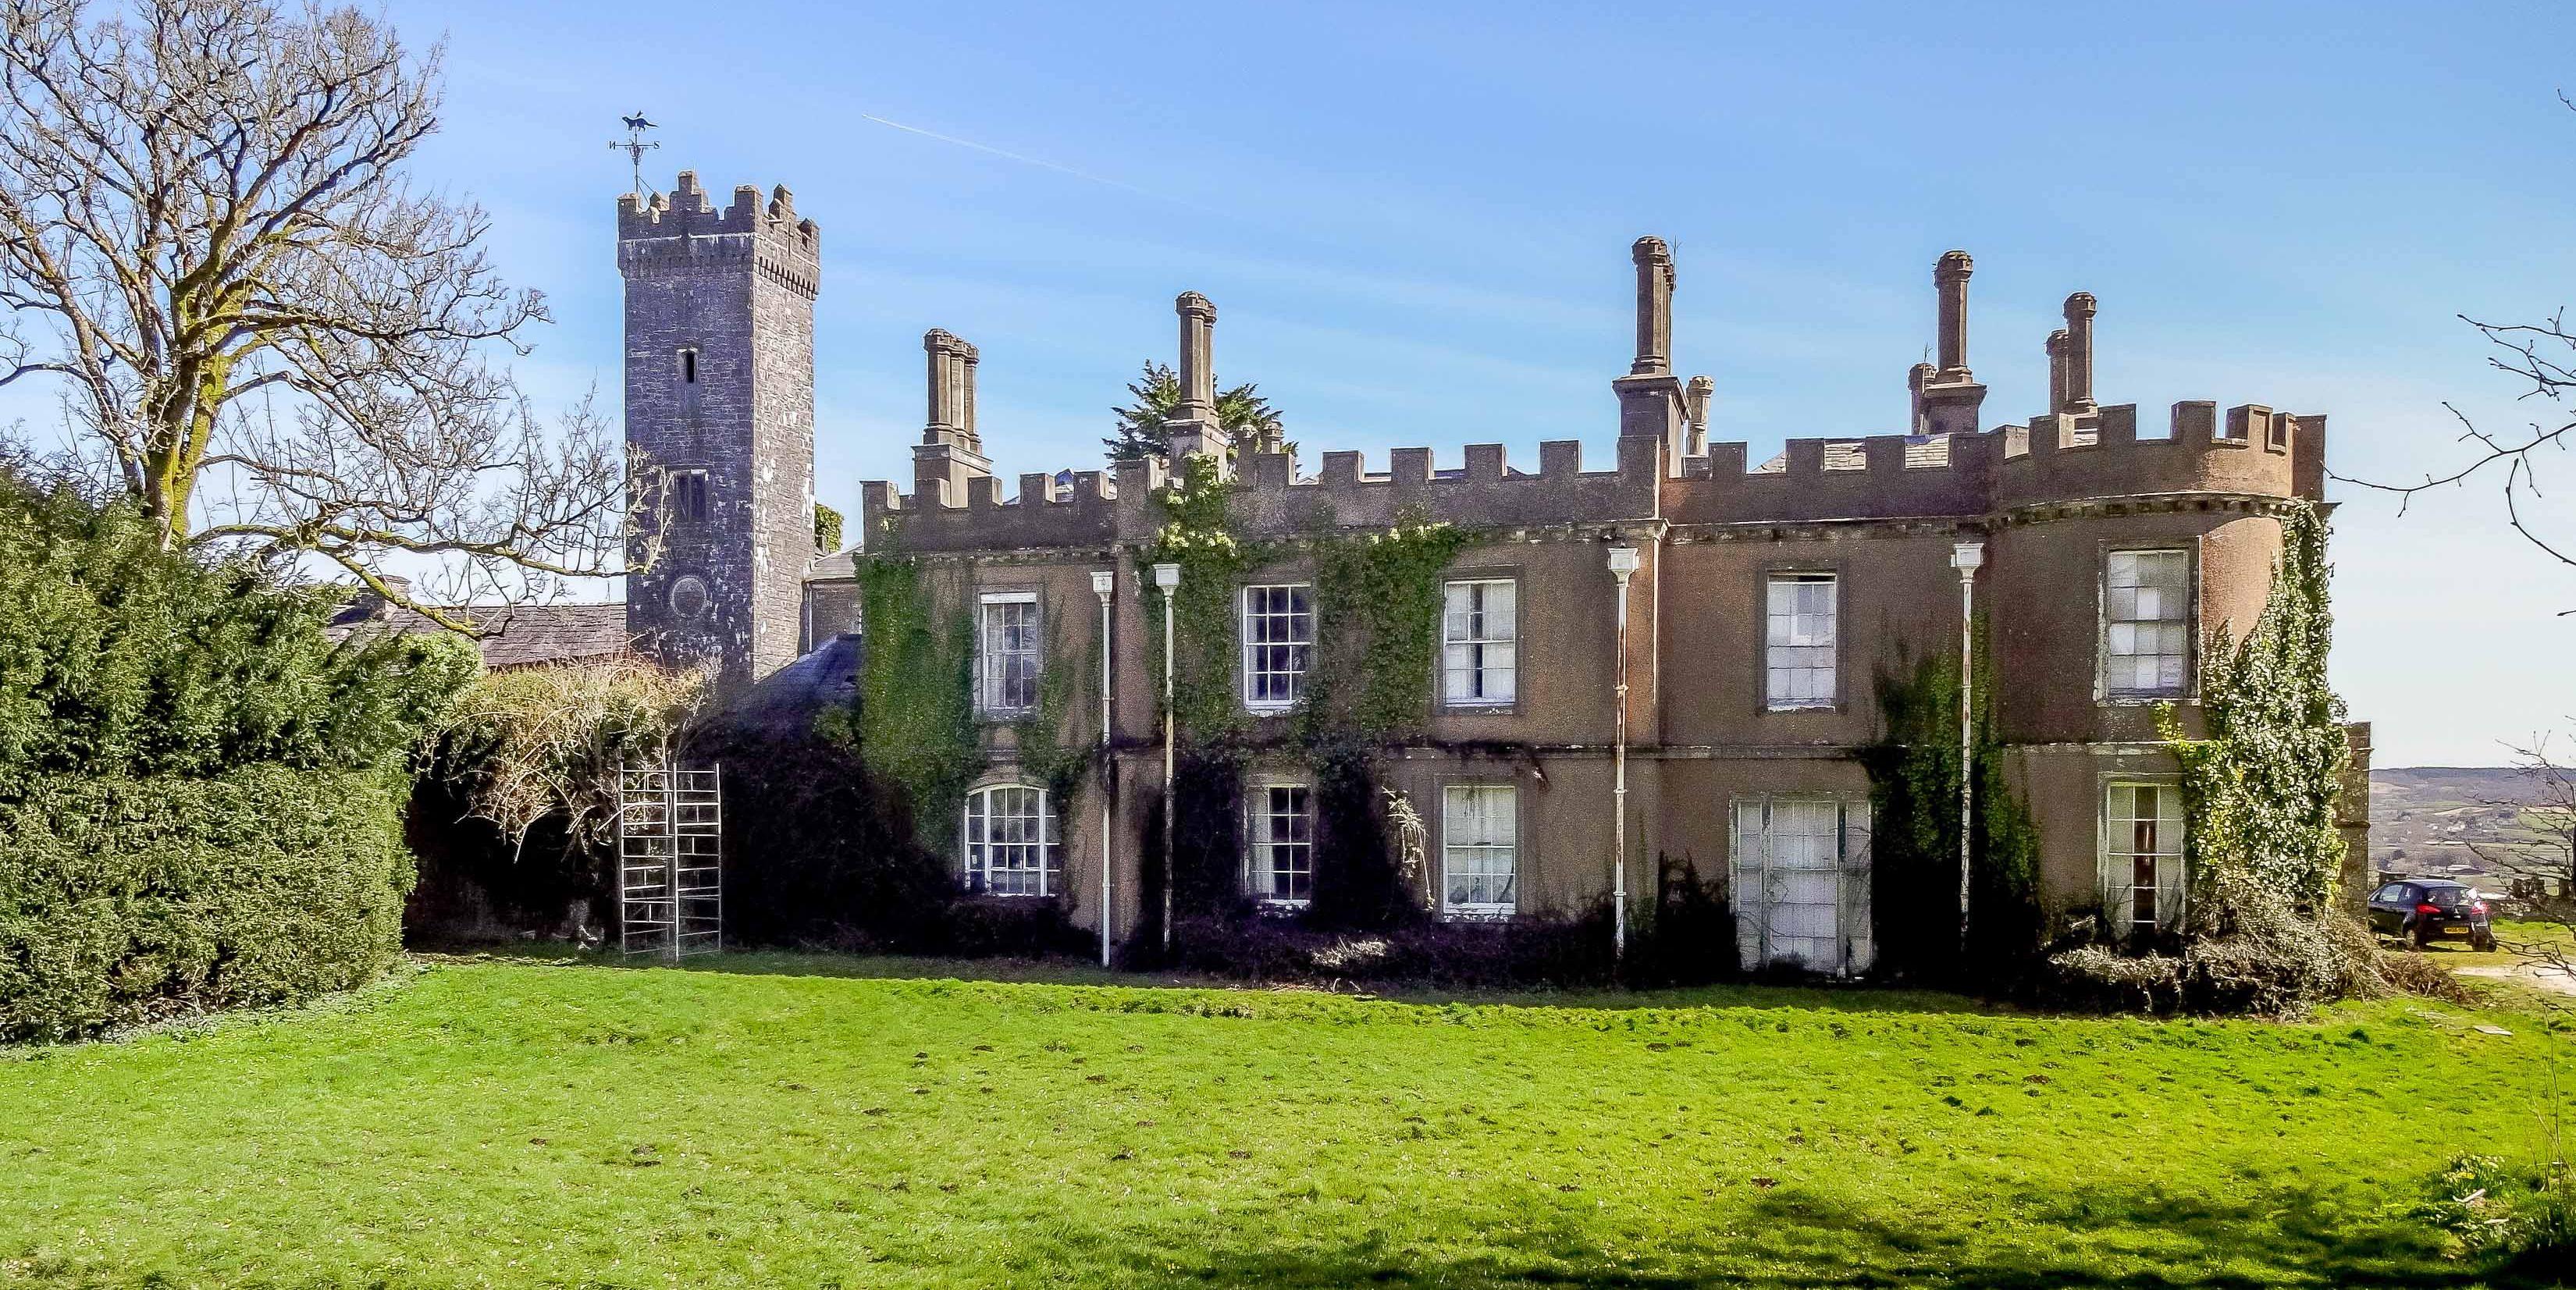 Penllyn Castle - Wales - front - Knight Frank